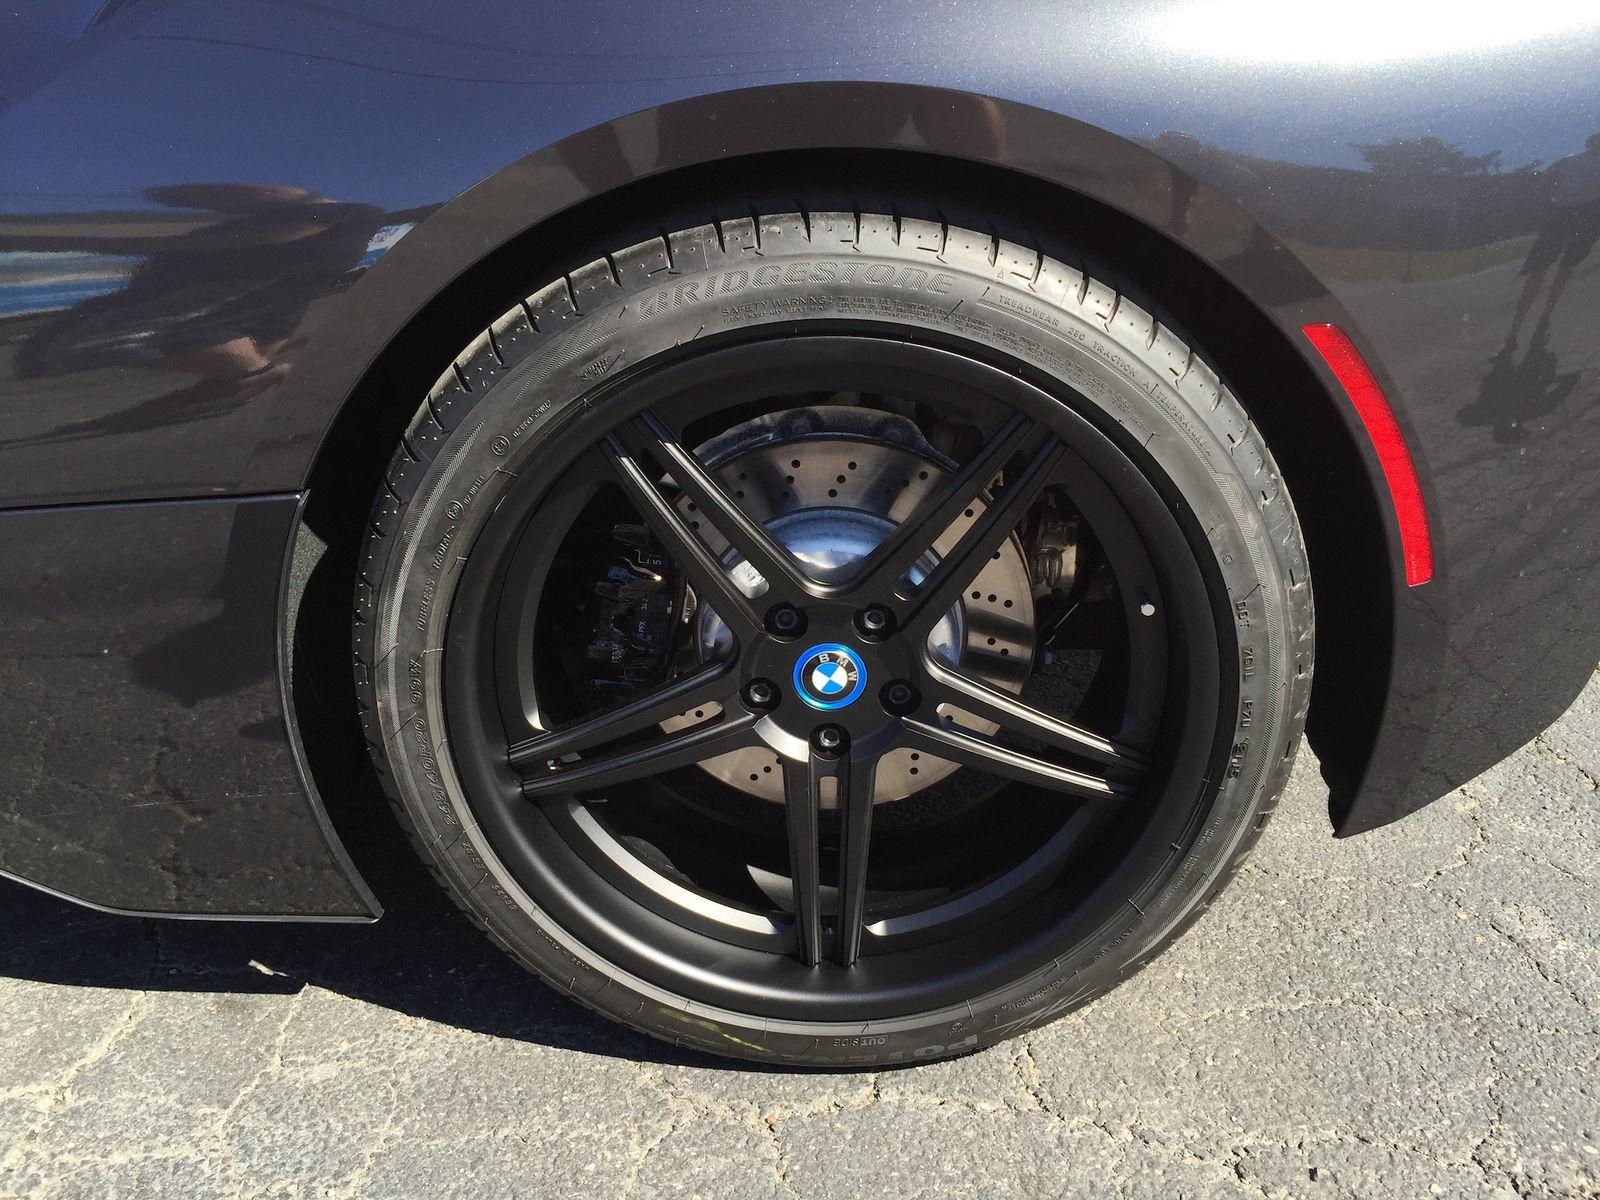 2015 BMW i8 | BMW i8 on Forgeline SC3C Wheels